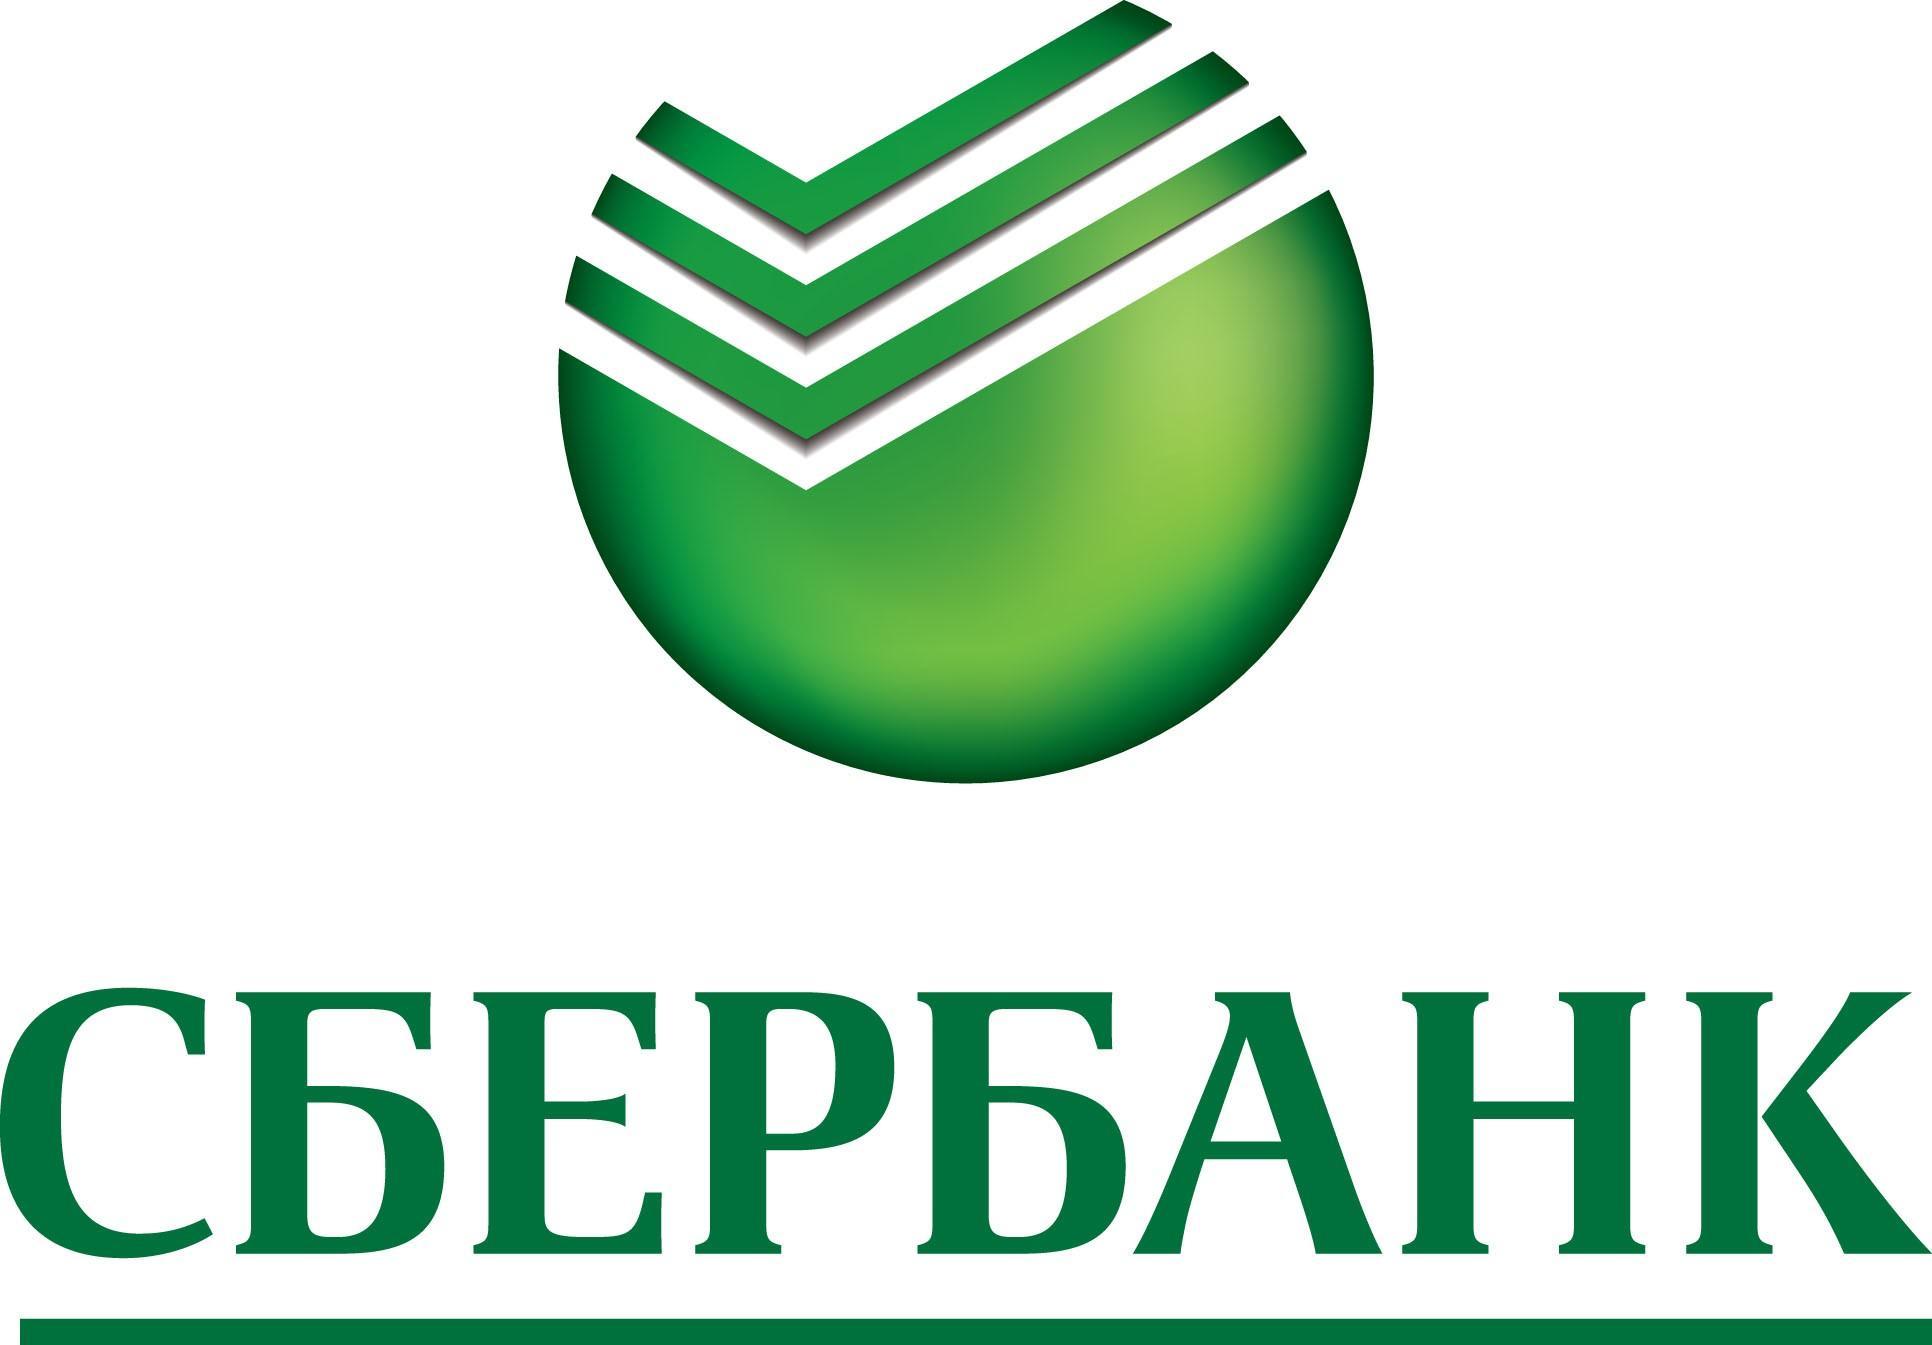 Сберегательный банк  подтвердил назначение Марка Завадского вице-президентом